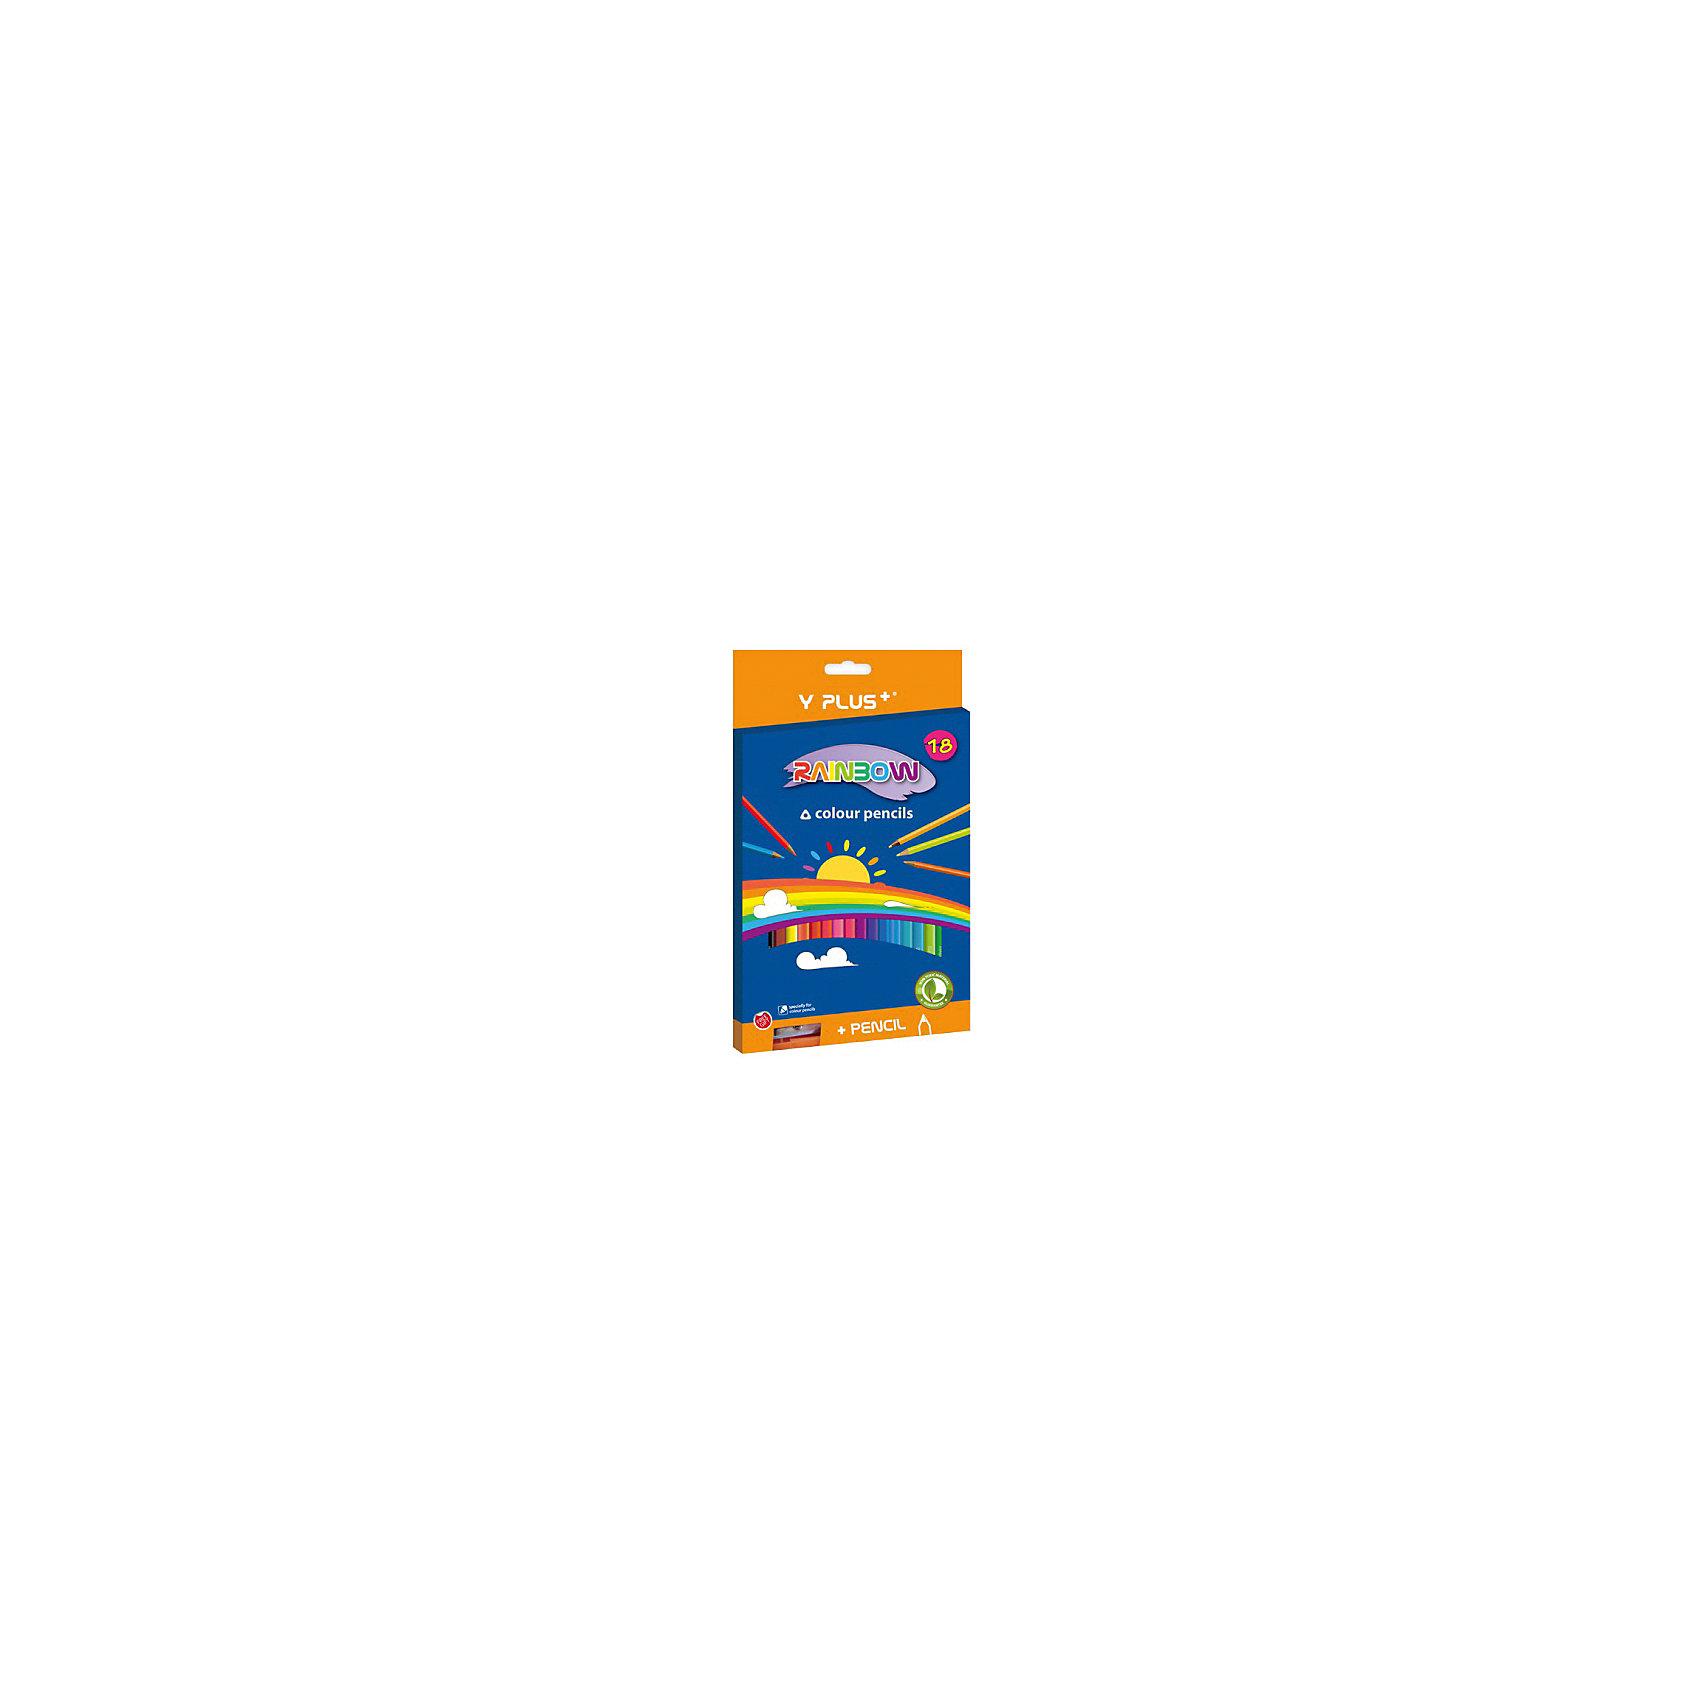 - Набор цветных карандашей+точилка Y-Plus RAINBOW, 18 цв. погружной блендер philips hr 1605 00 daily collection